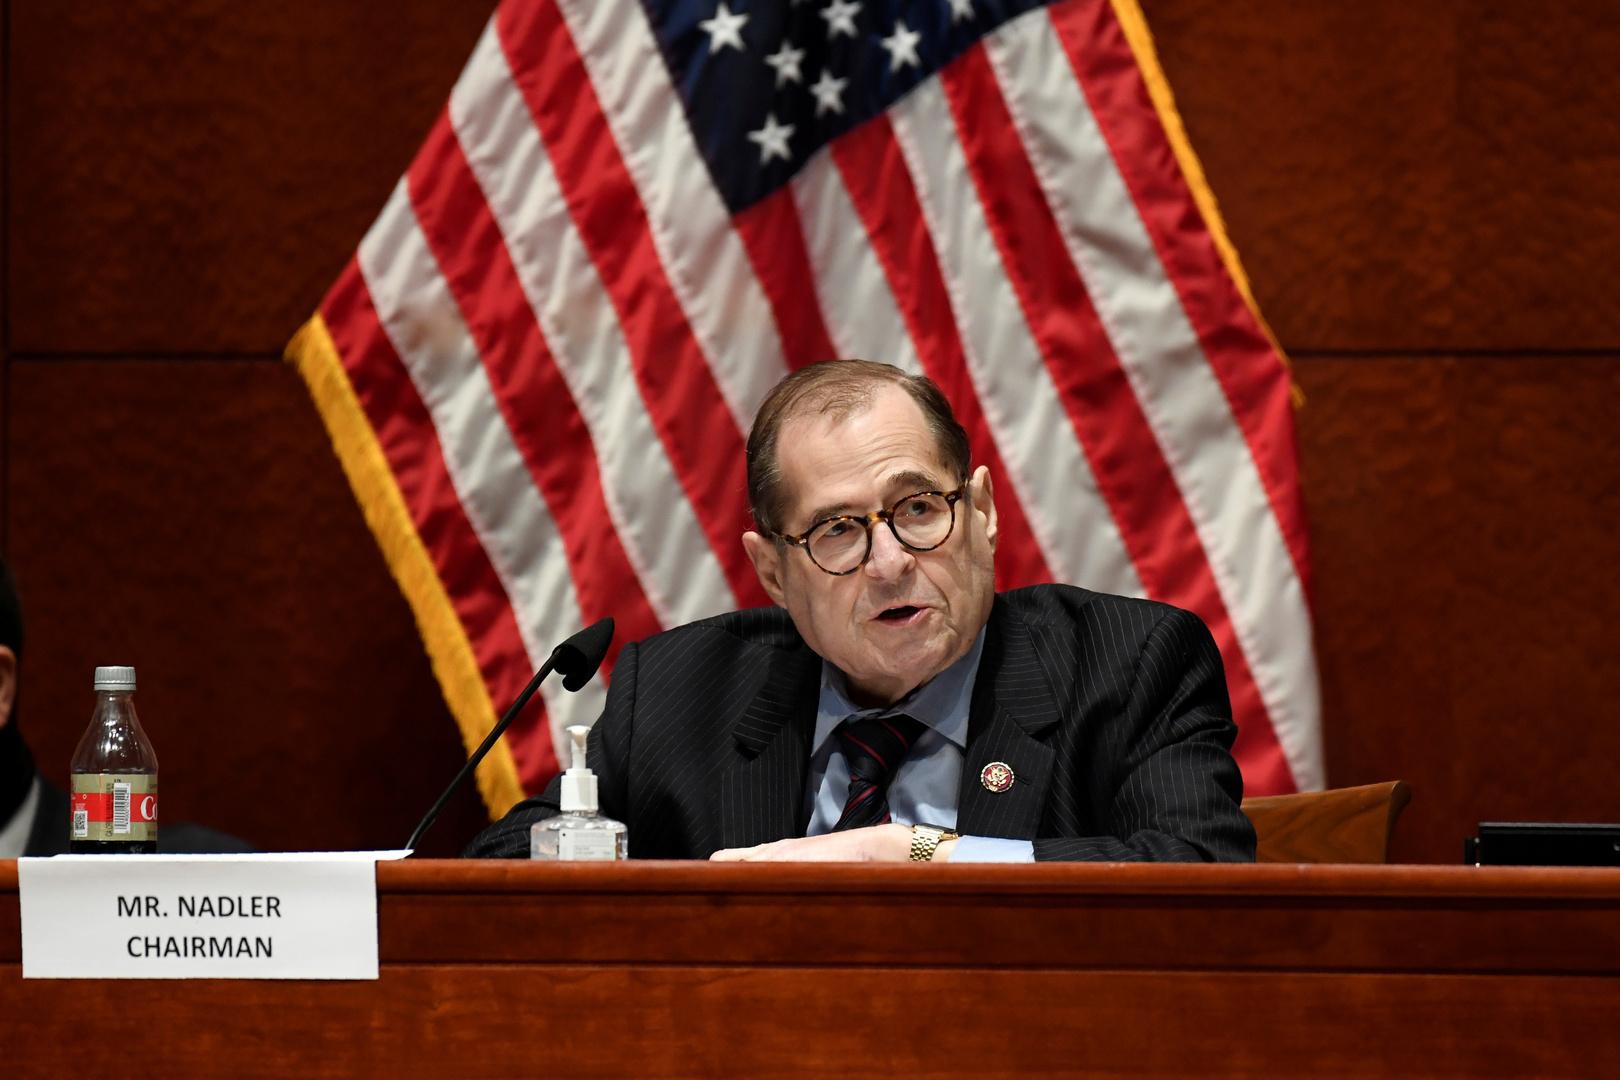 رئيس اللجنة القضائية بمجلس النواب الأمريكي يدعو لعزل ترامب فورا